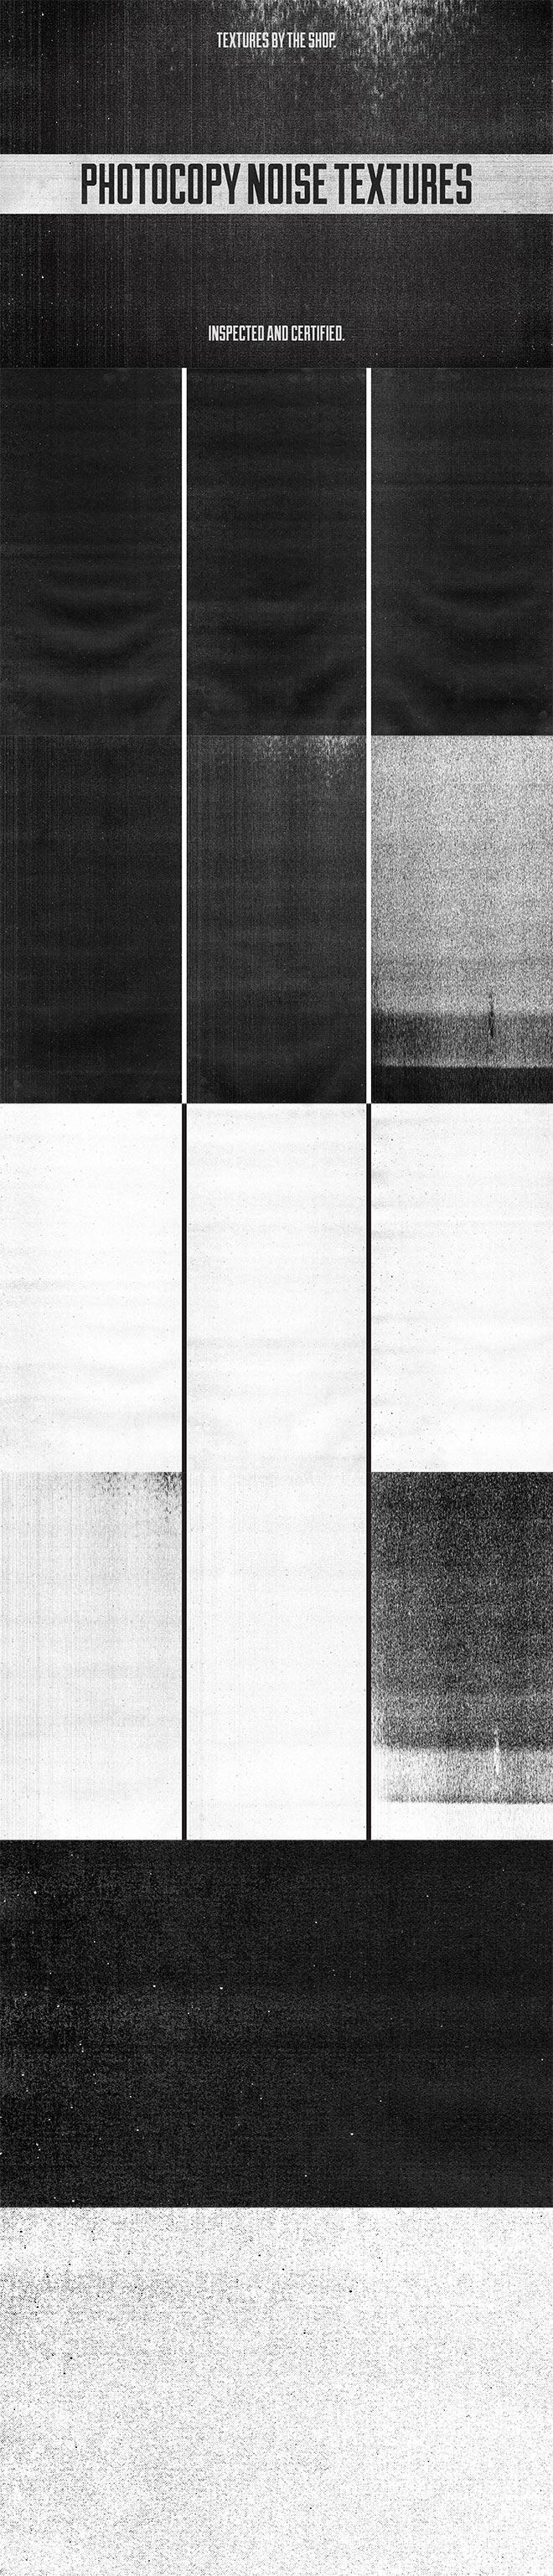 Photocopy Noise Textures